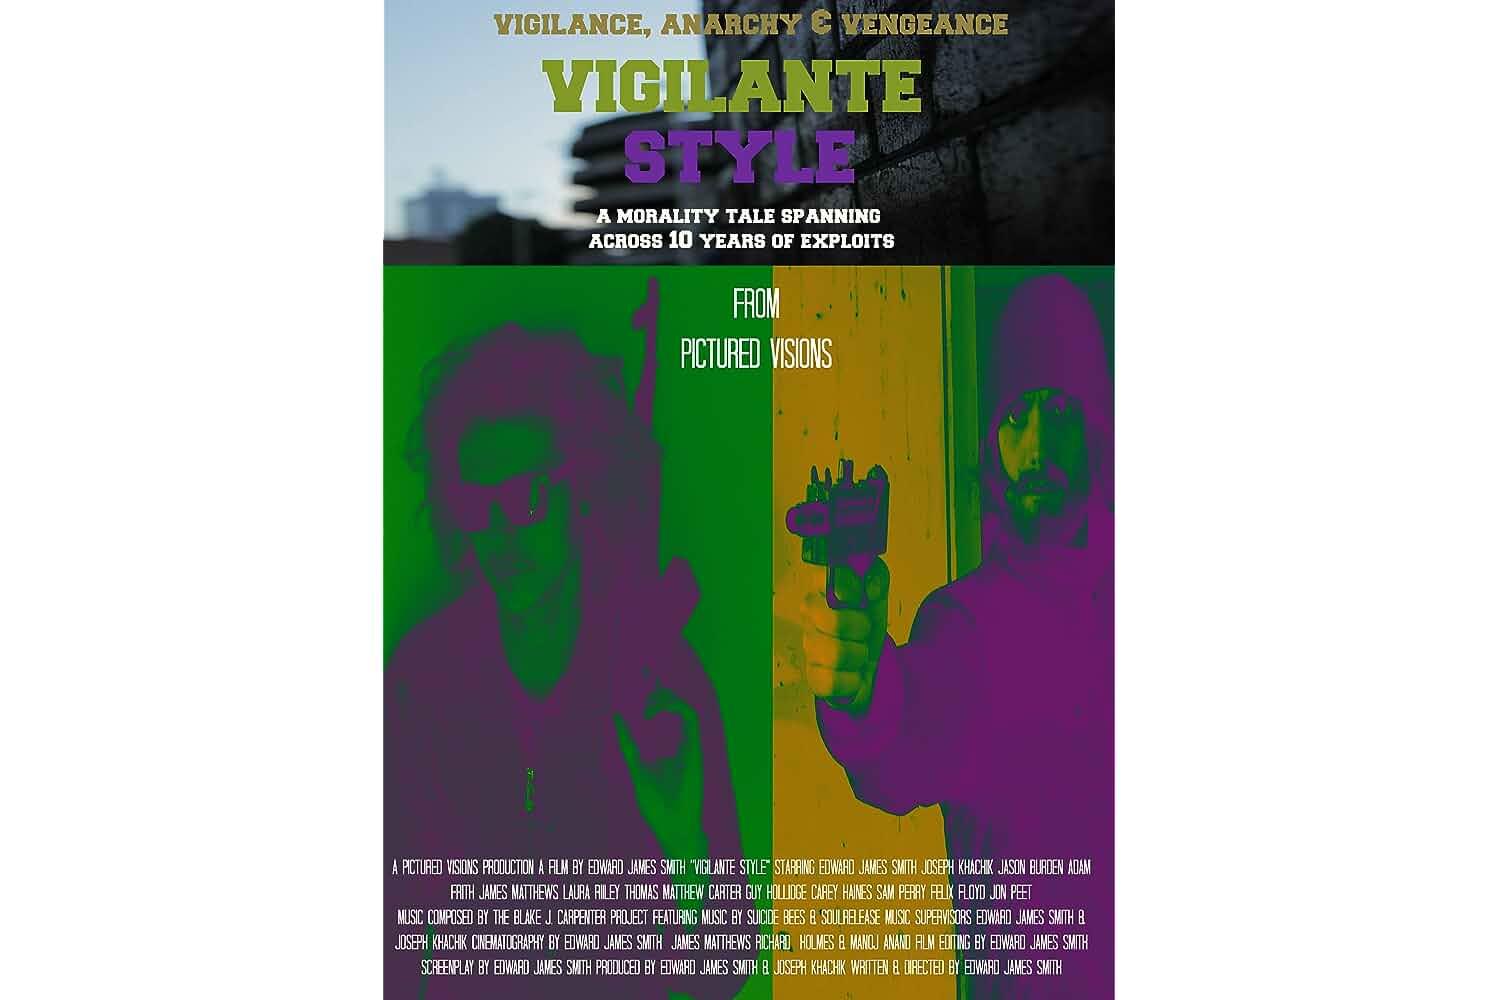 Vigilante Style (2018)